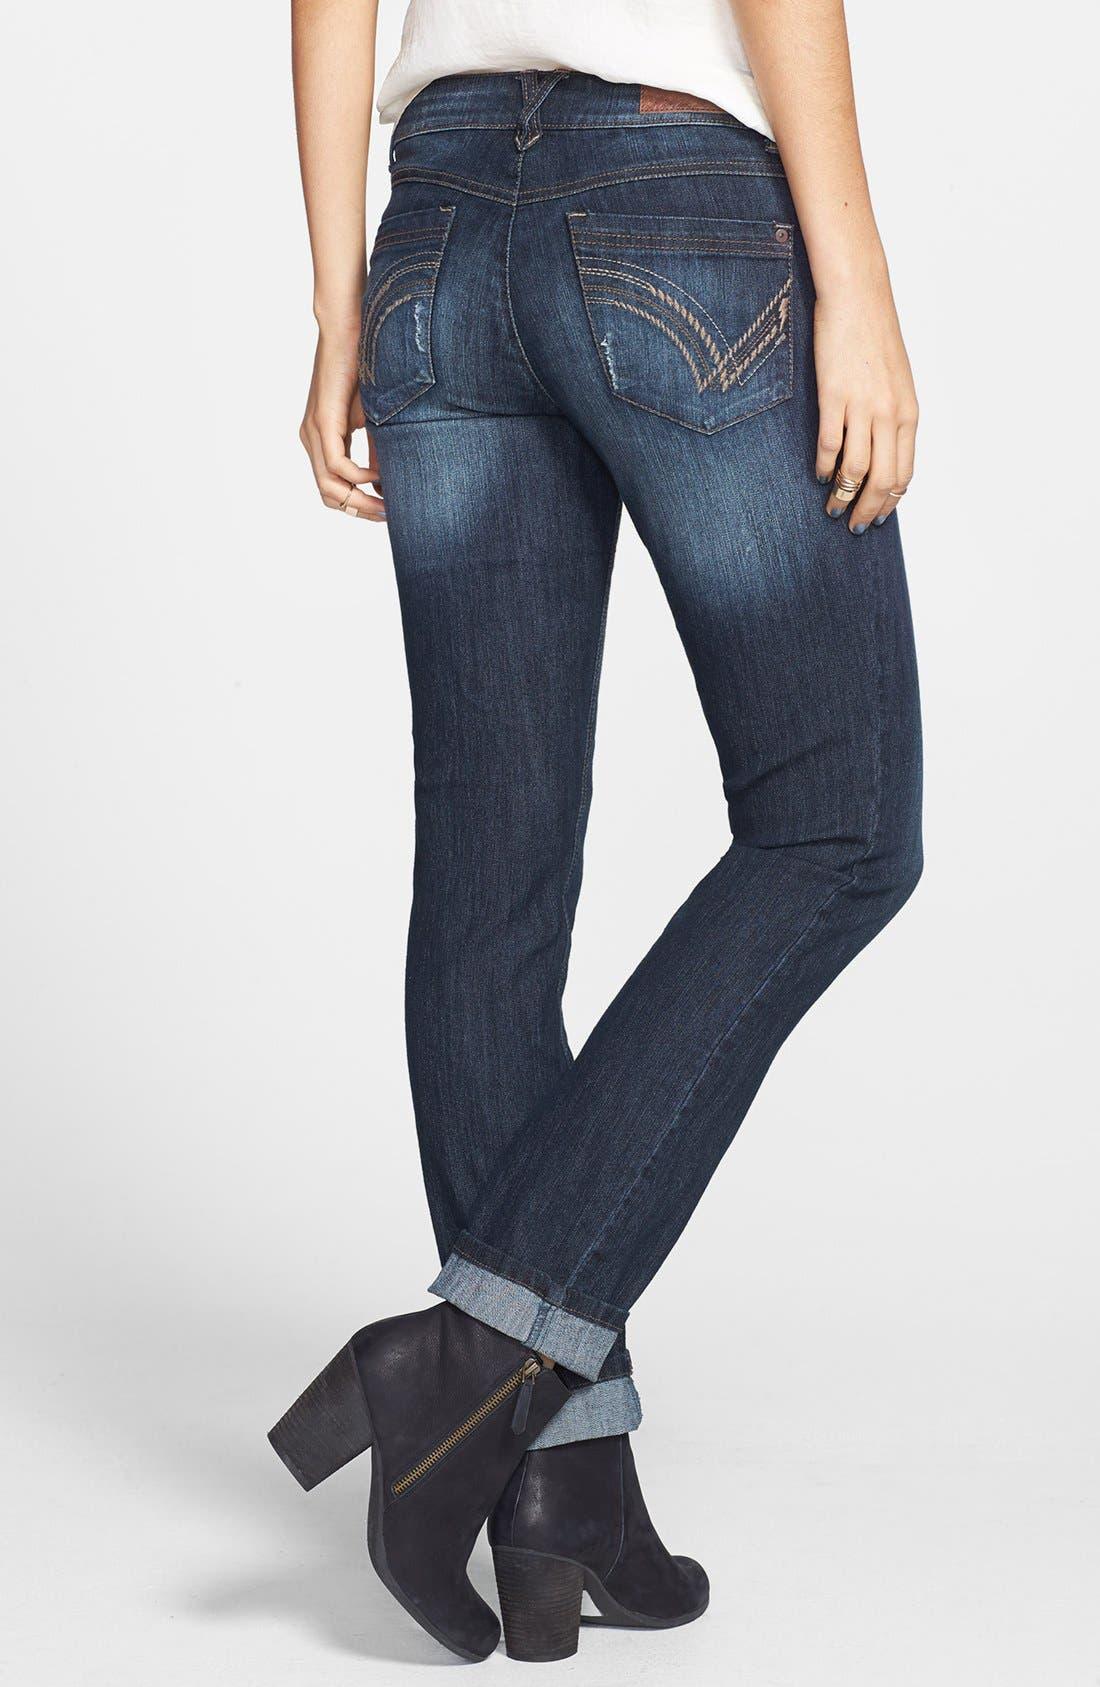 Alternate Image 1 Selected - Jolt Embroidered Pocket Skinny Jeans (Juniors)